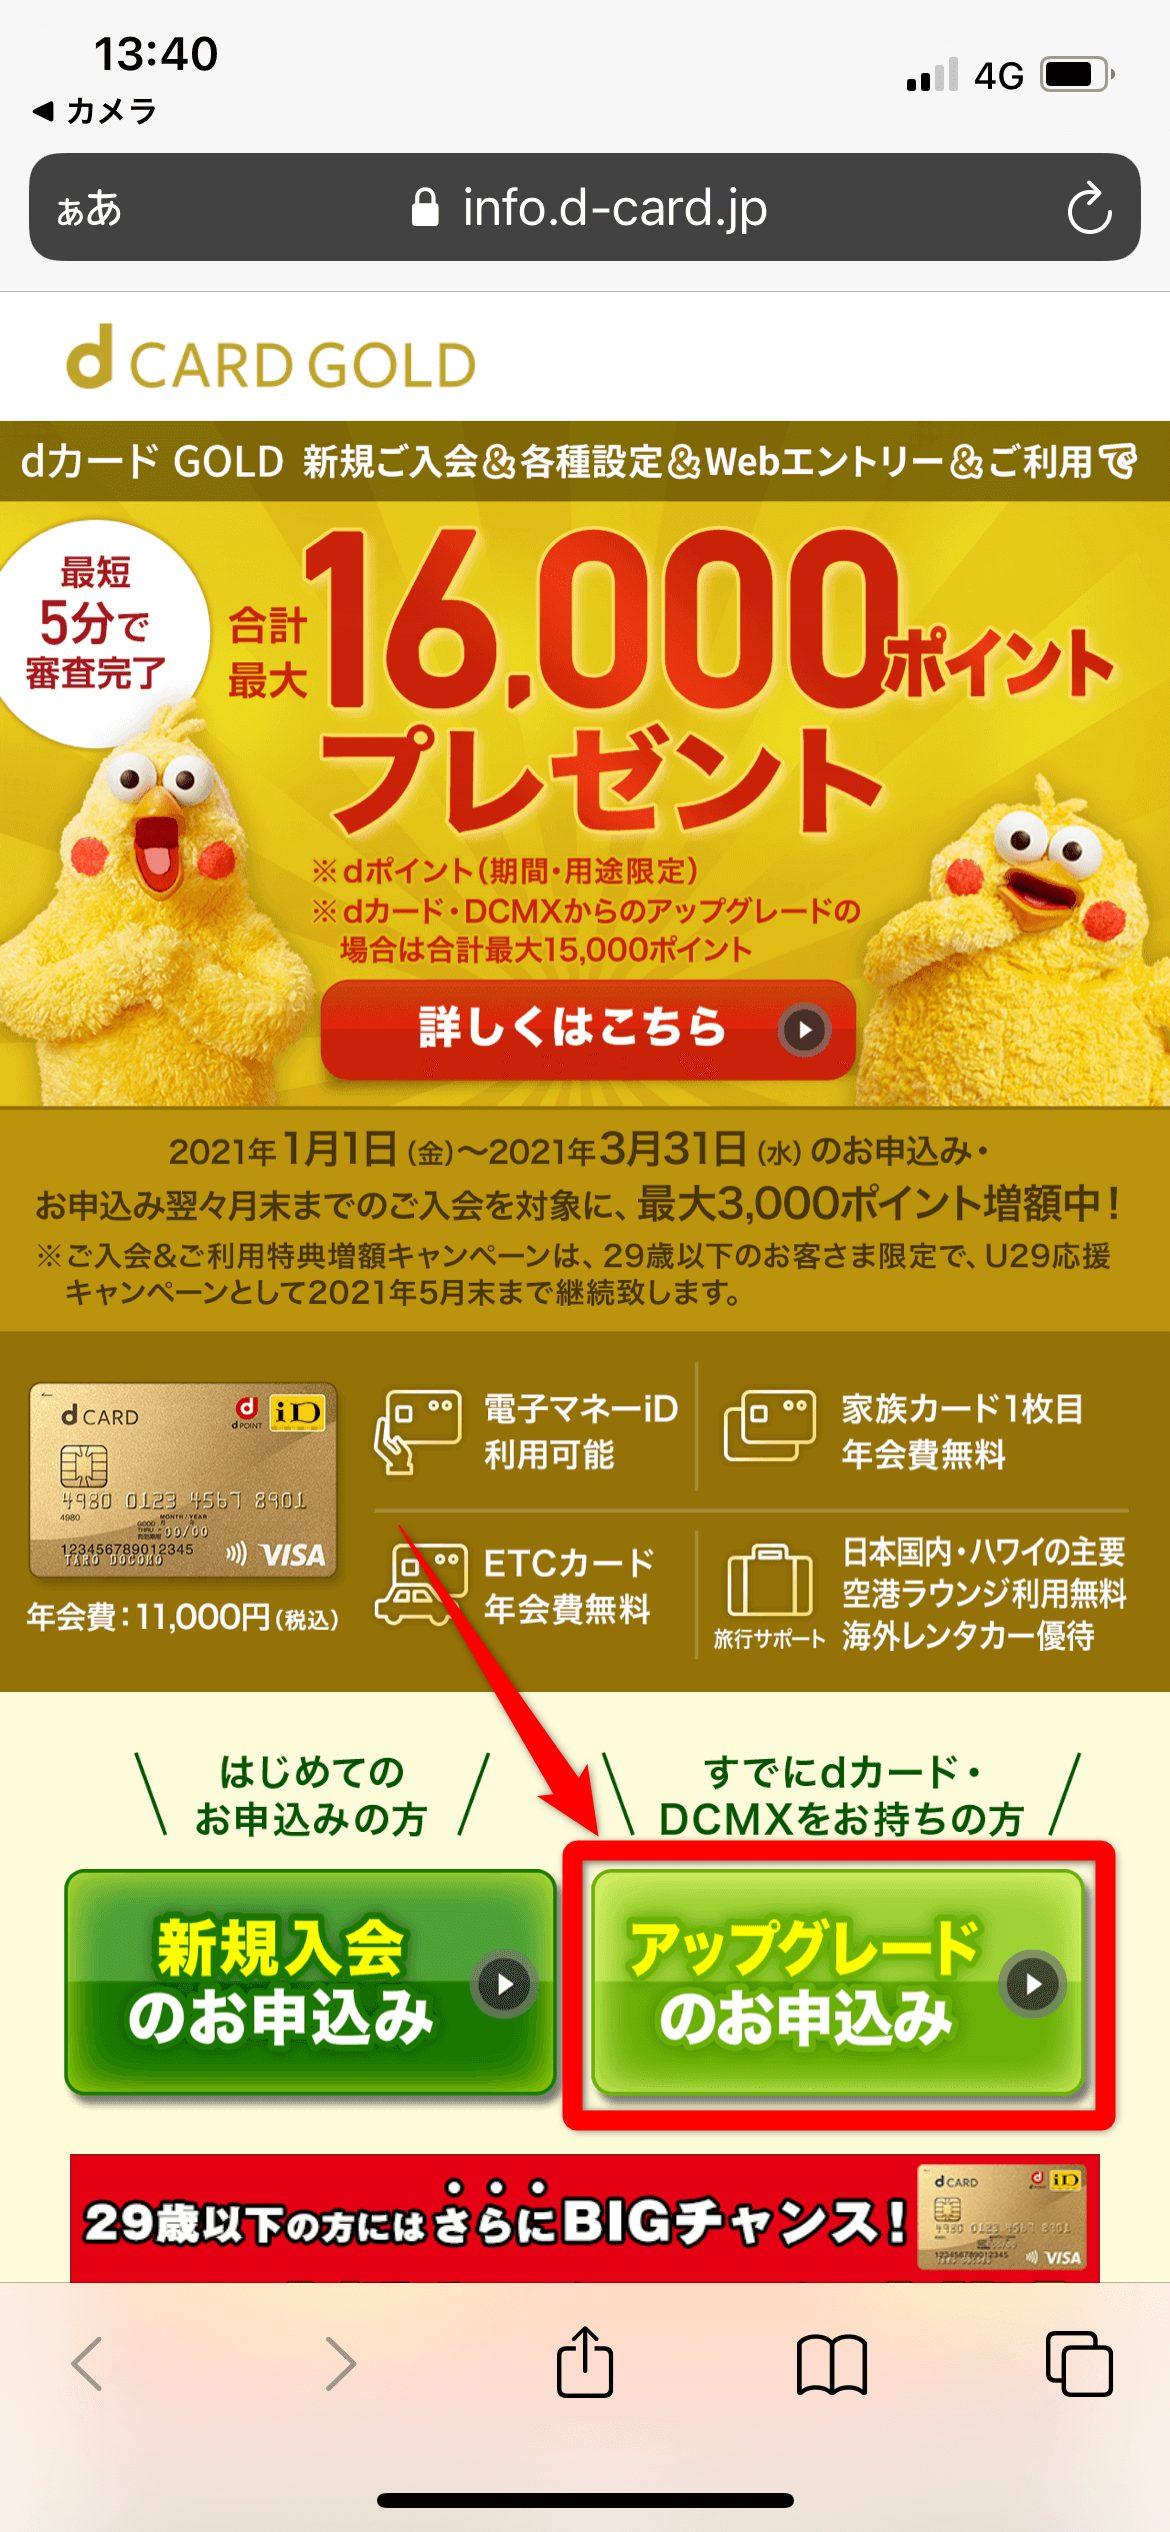 dカード GOLD公式サイトにアクセスして、「アップグレードのお申込み」をタップ